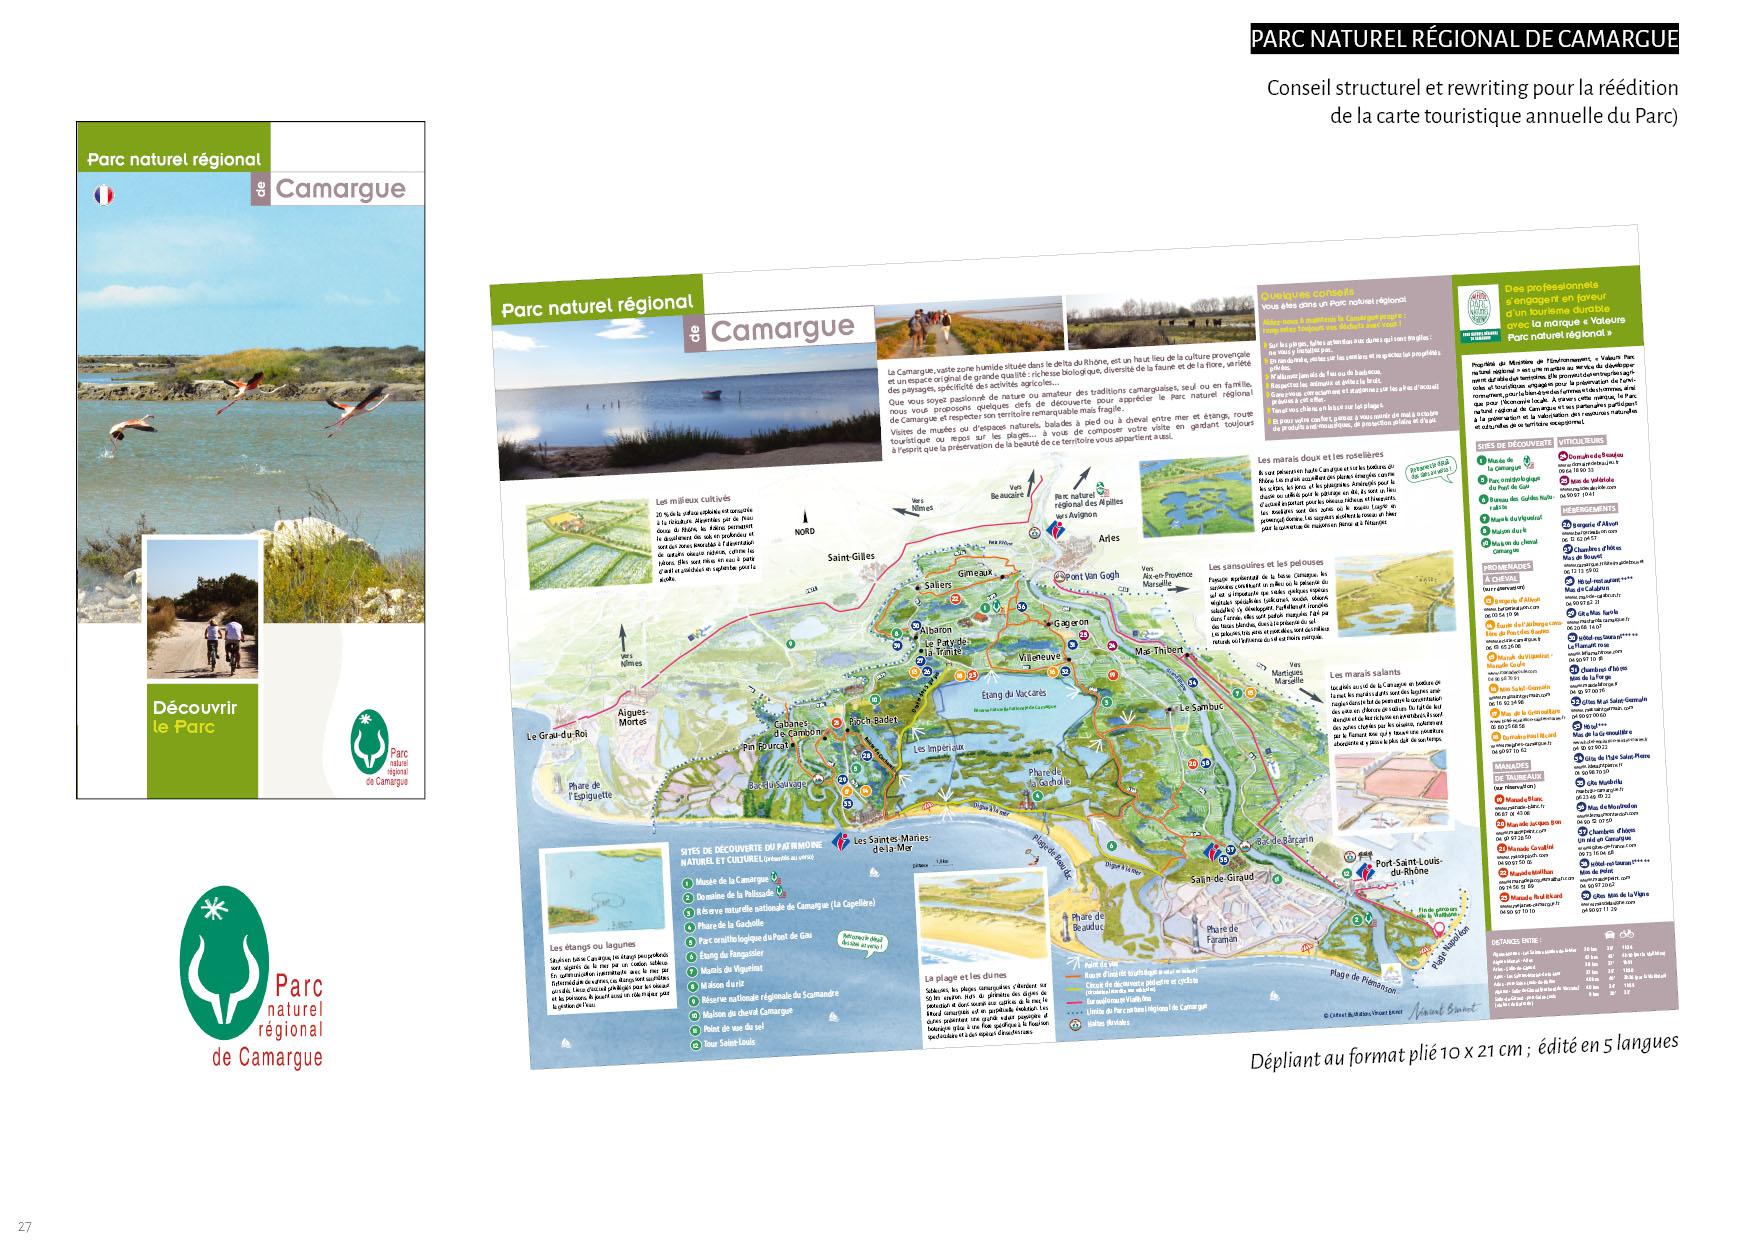 Parc Naturel Régional de Camargue - Carte touristique annuelle